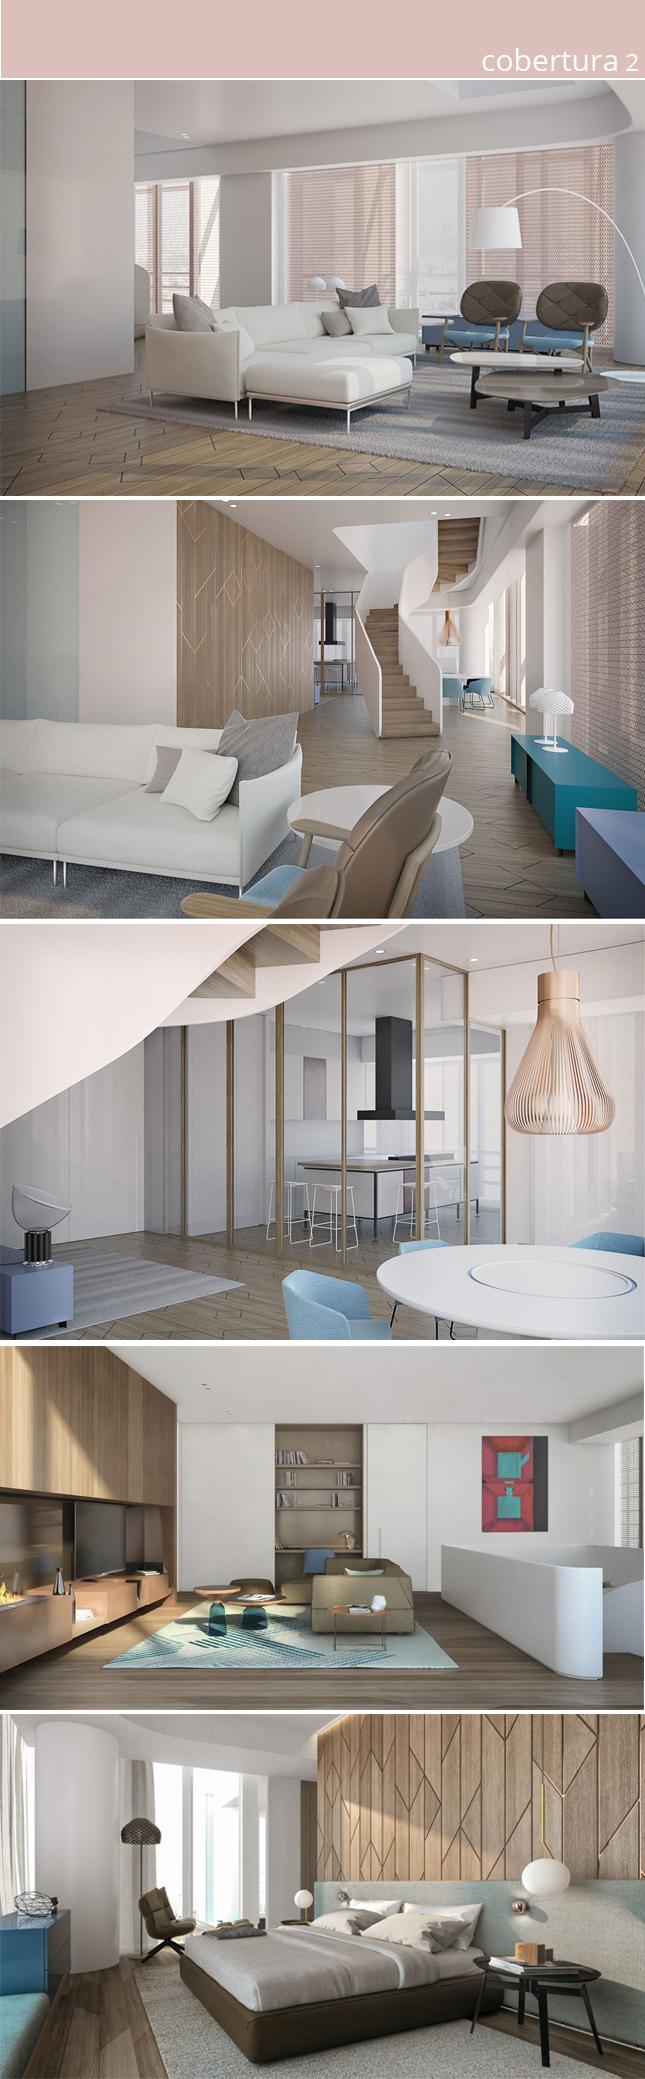 decoradornet-patricia-urquiola-tel-aviv-decor-projeto-blog-3